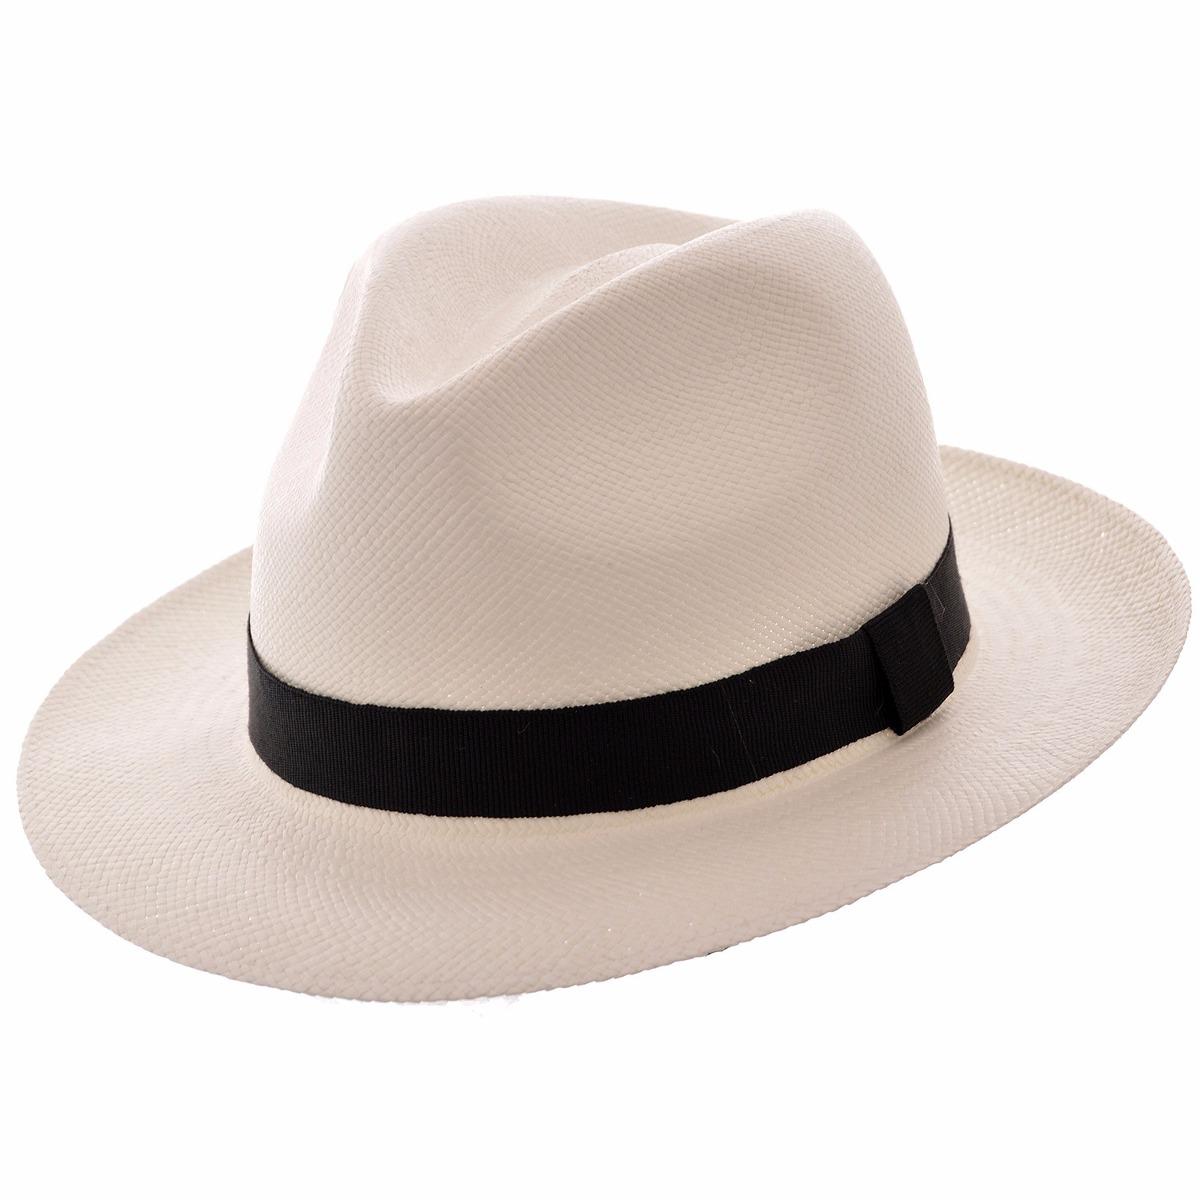 a382727f81421 sombrero panama original compañia de sombreros m62450001. Cargando zoom.